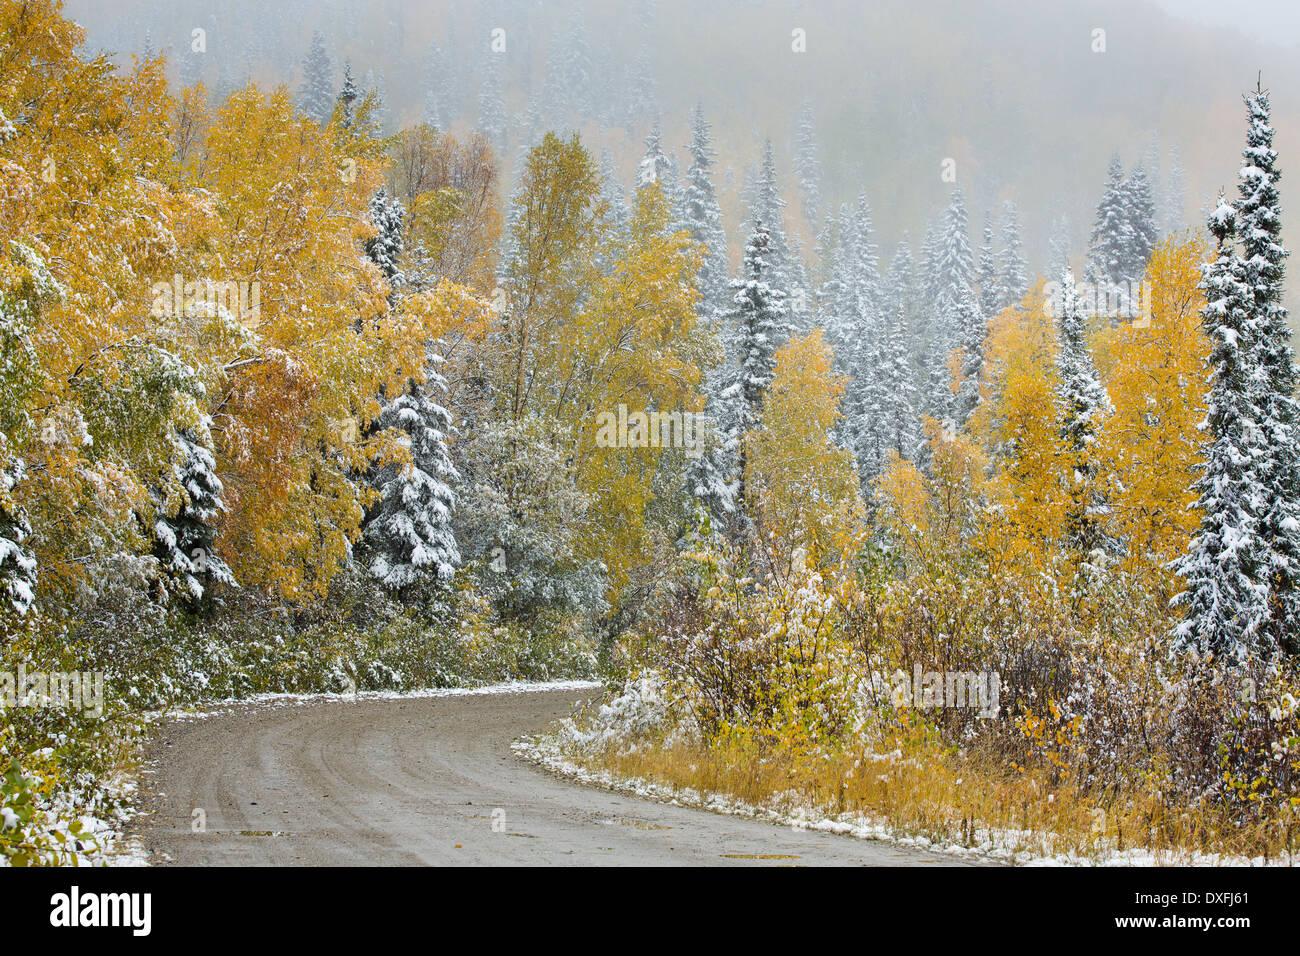 Début de la neige et des couleurs d'automne sur la piste de l'argent c Mayo, au Yukon, Canada Photo Stock